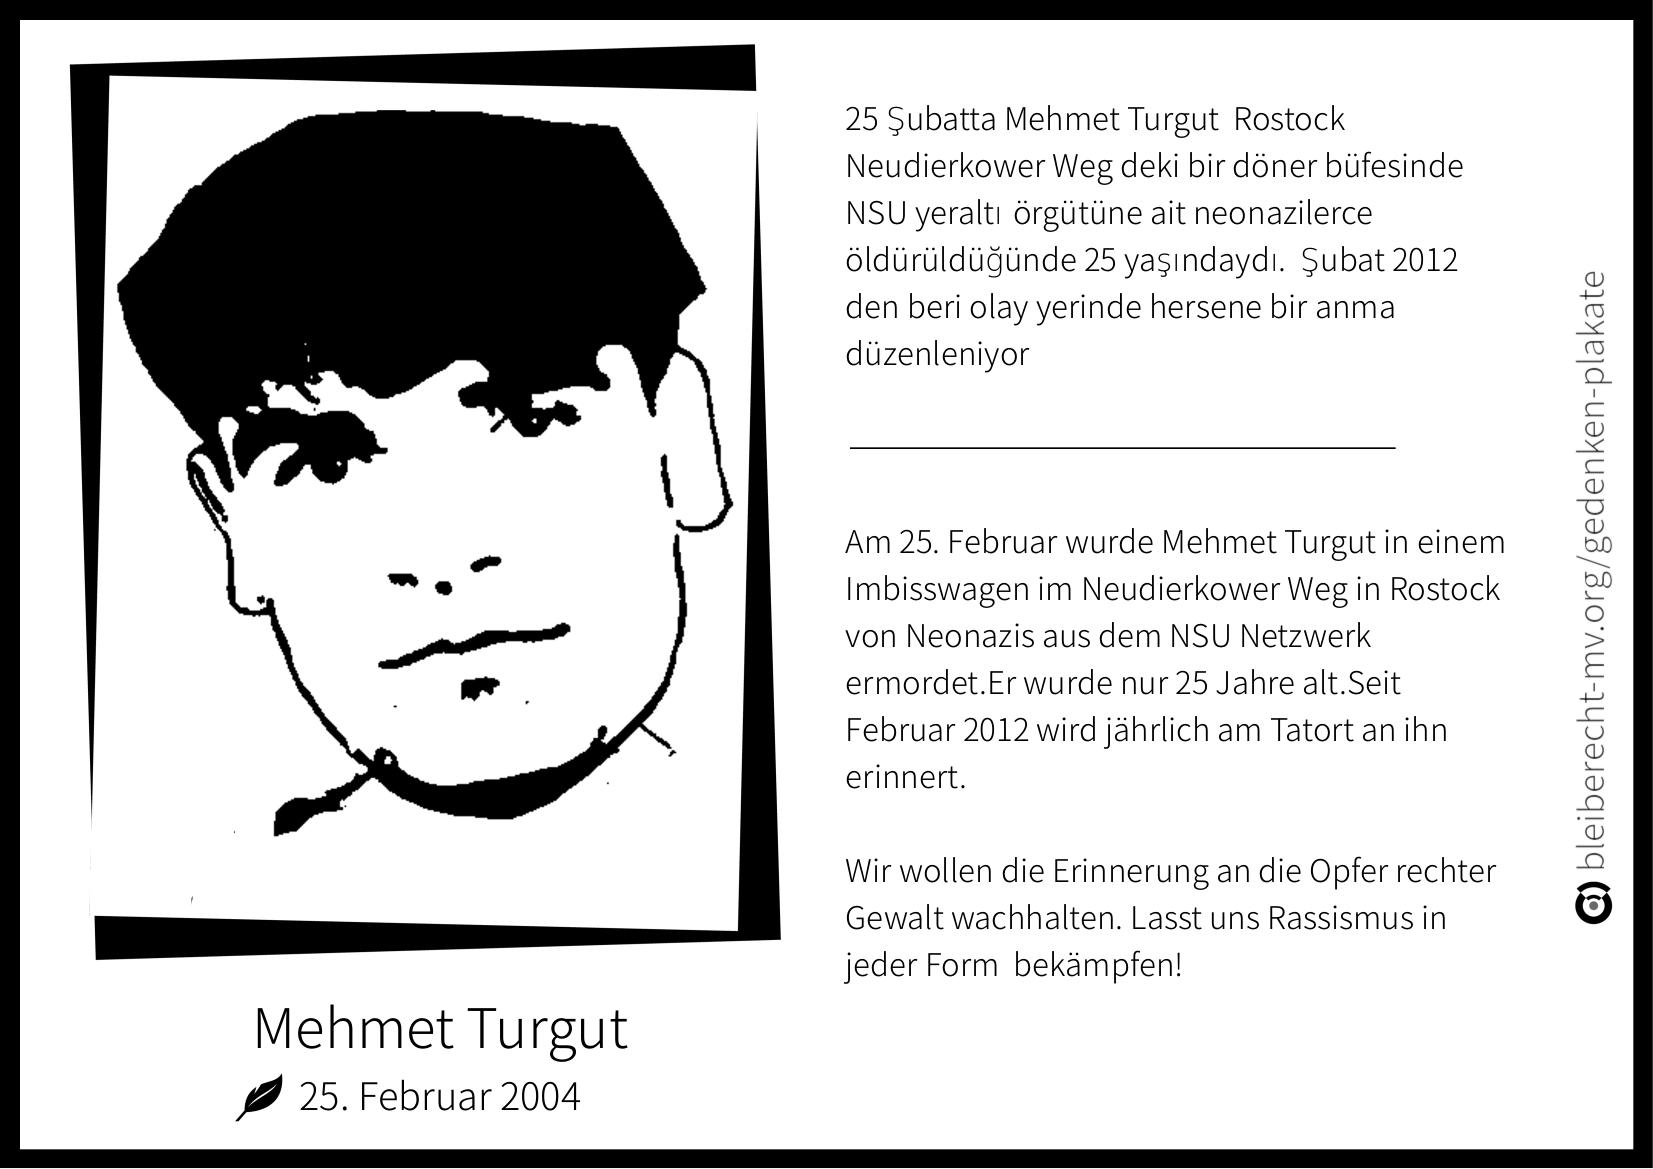 Mehmet Turgut starb am 25. Februar in Rostock-Toitenwinkel durch ein Attentat des NSU.